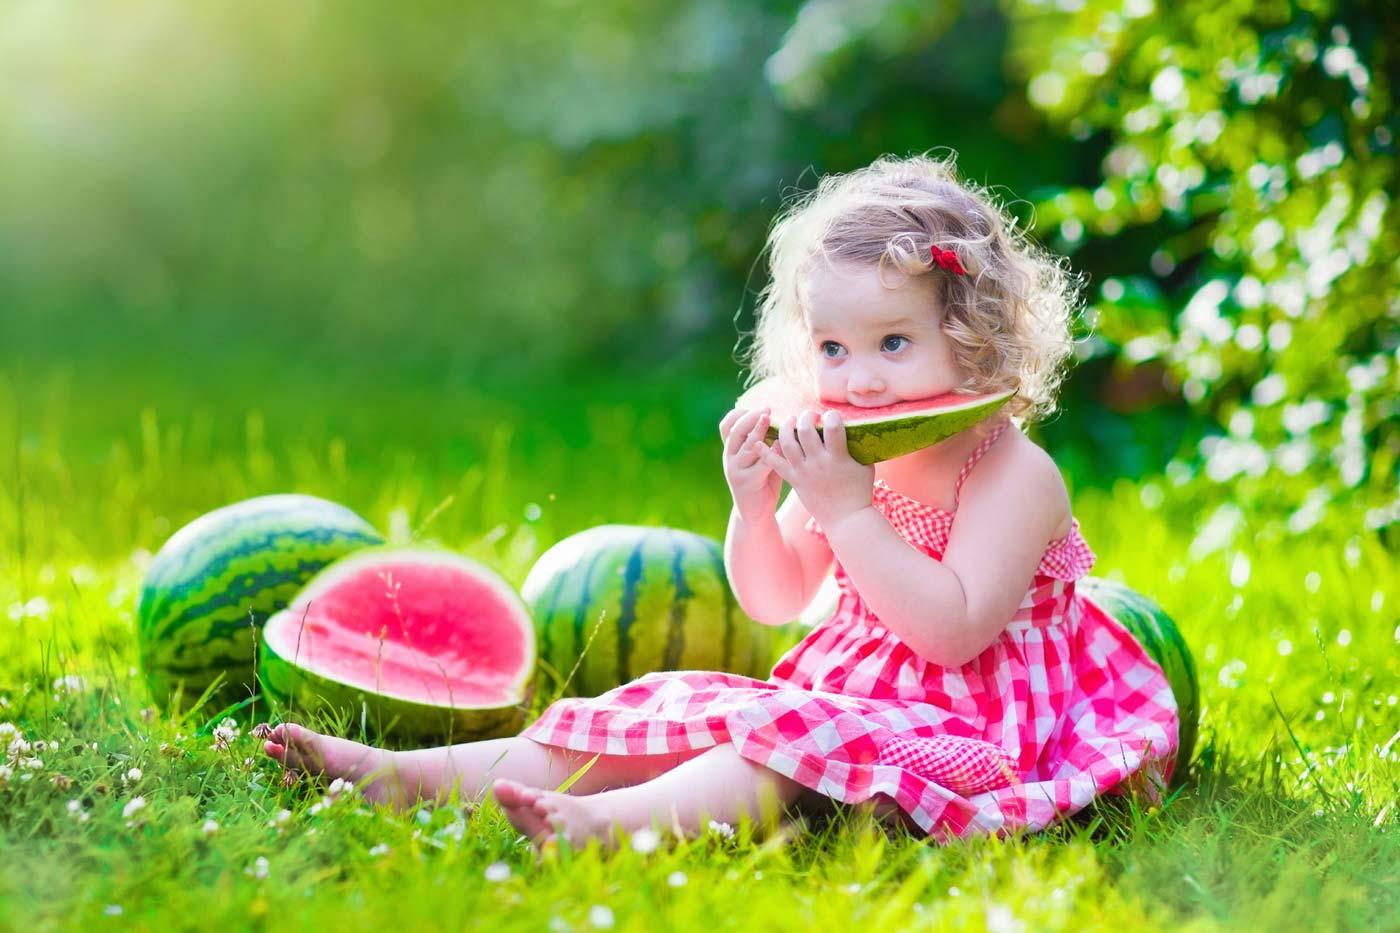 بهترین ژست های عکس کودک